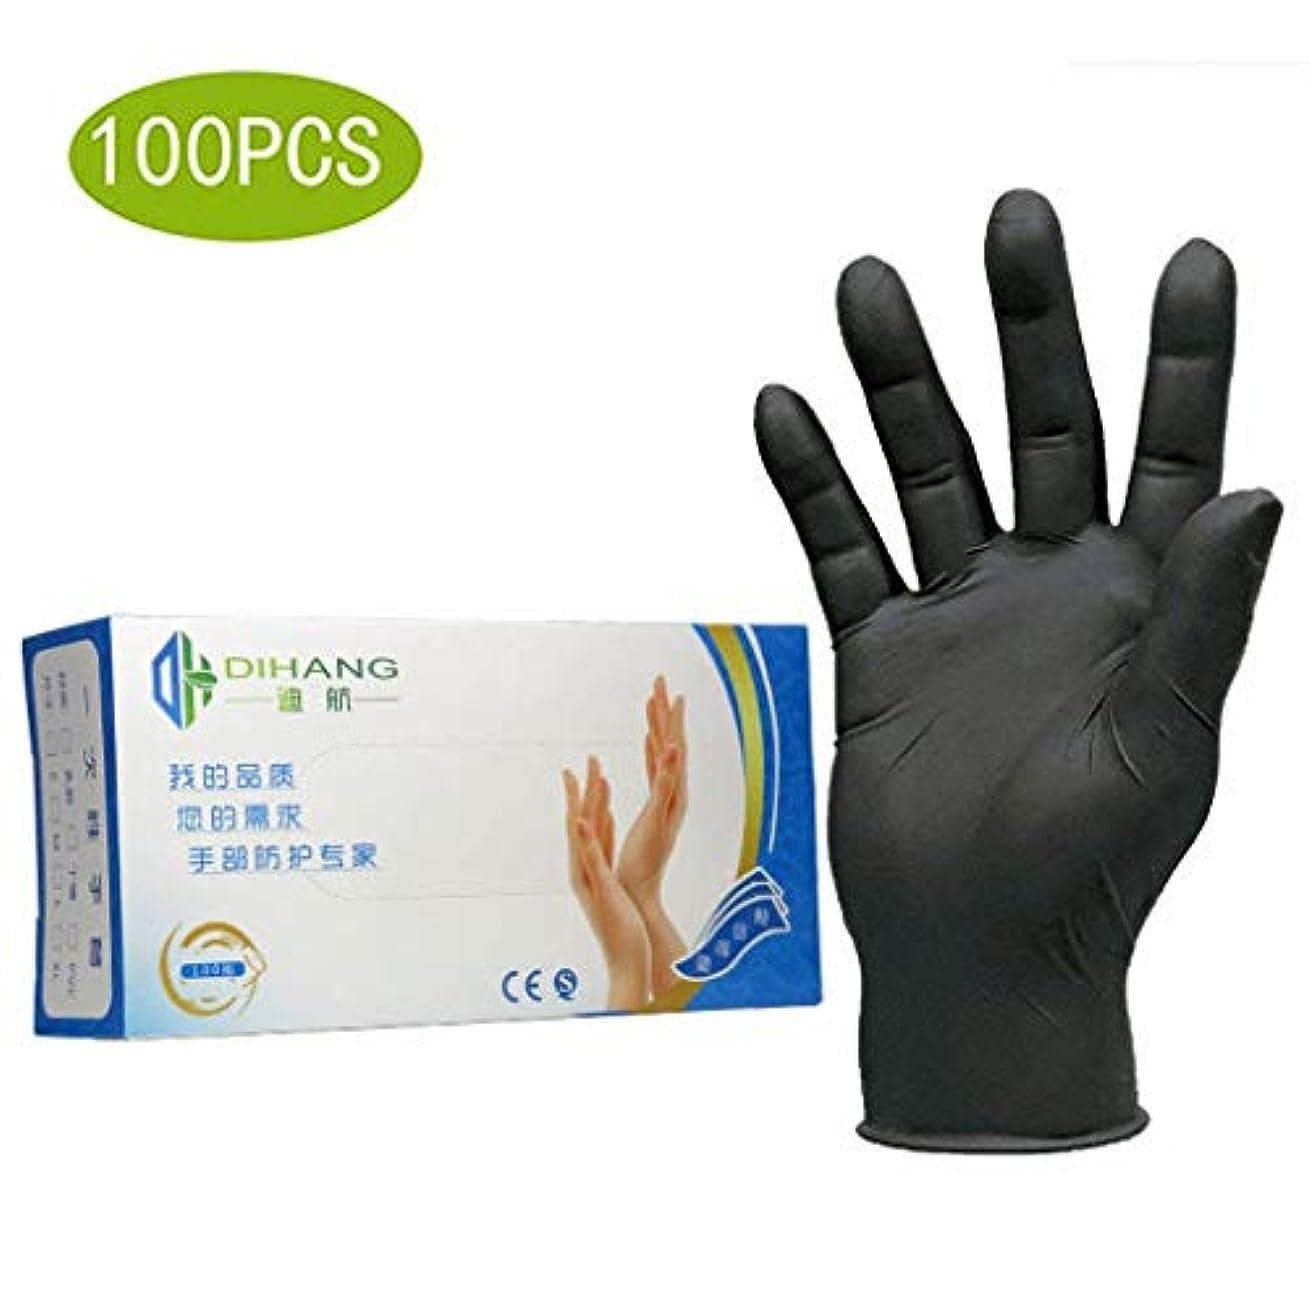 るフルーツ猛烈な100倍使い捨て手袋耐酸性および耐アルカリ性試験軽量安全フィットニトリル手袋中粉末フリーラテックスフリータトゥー理髪産業加工労働保険 (Size : M)